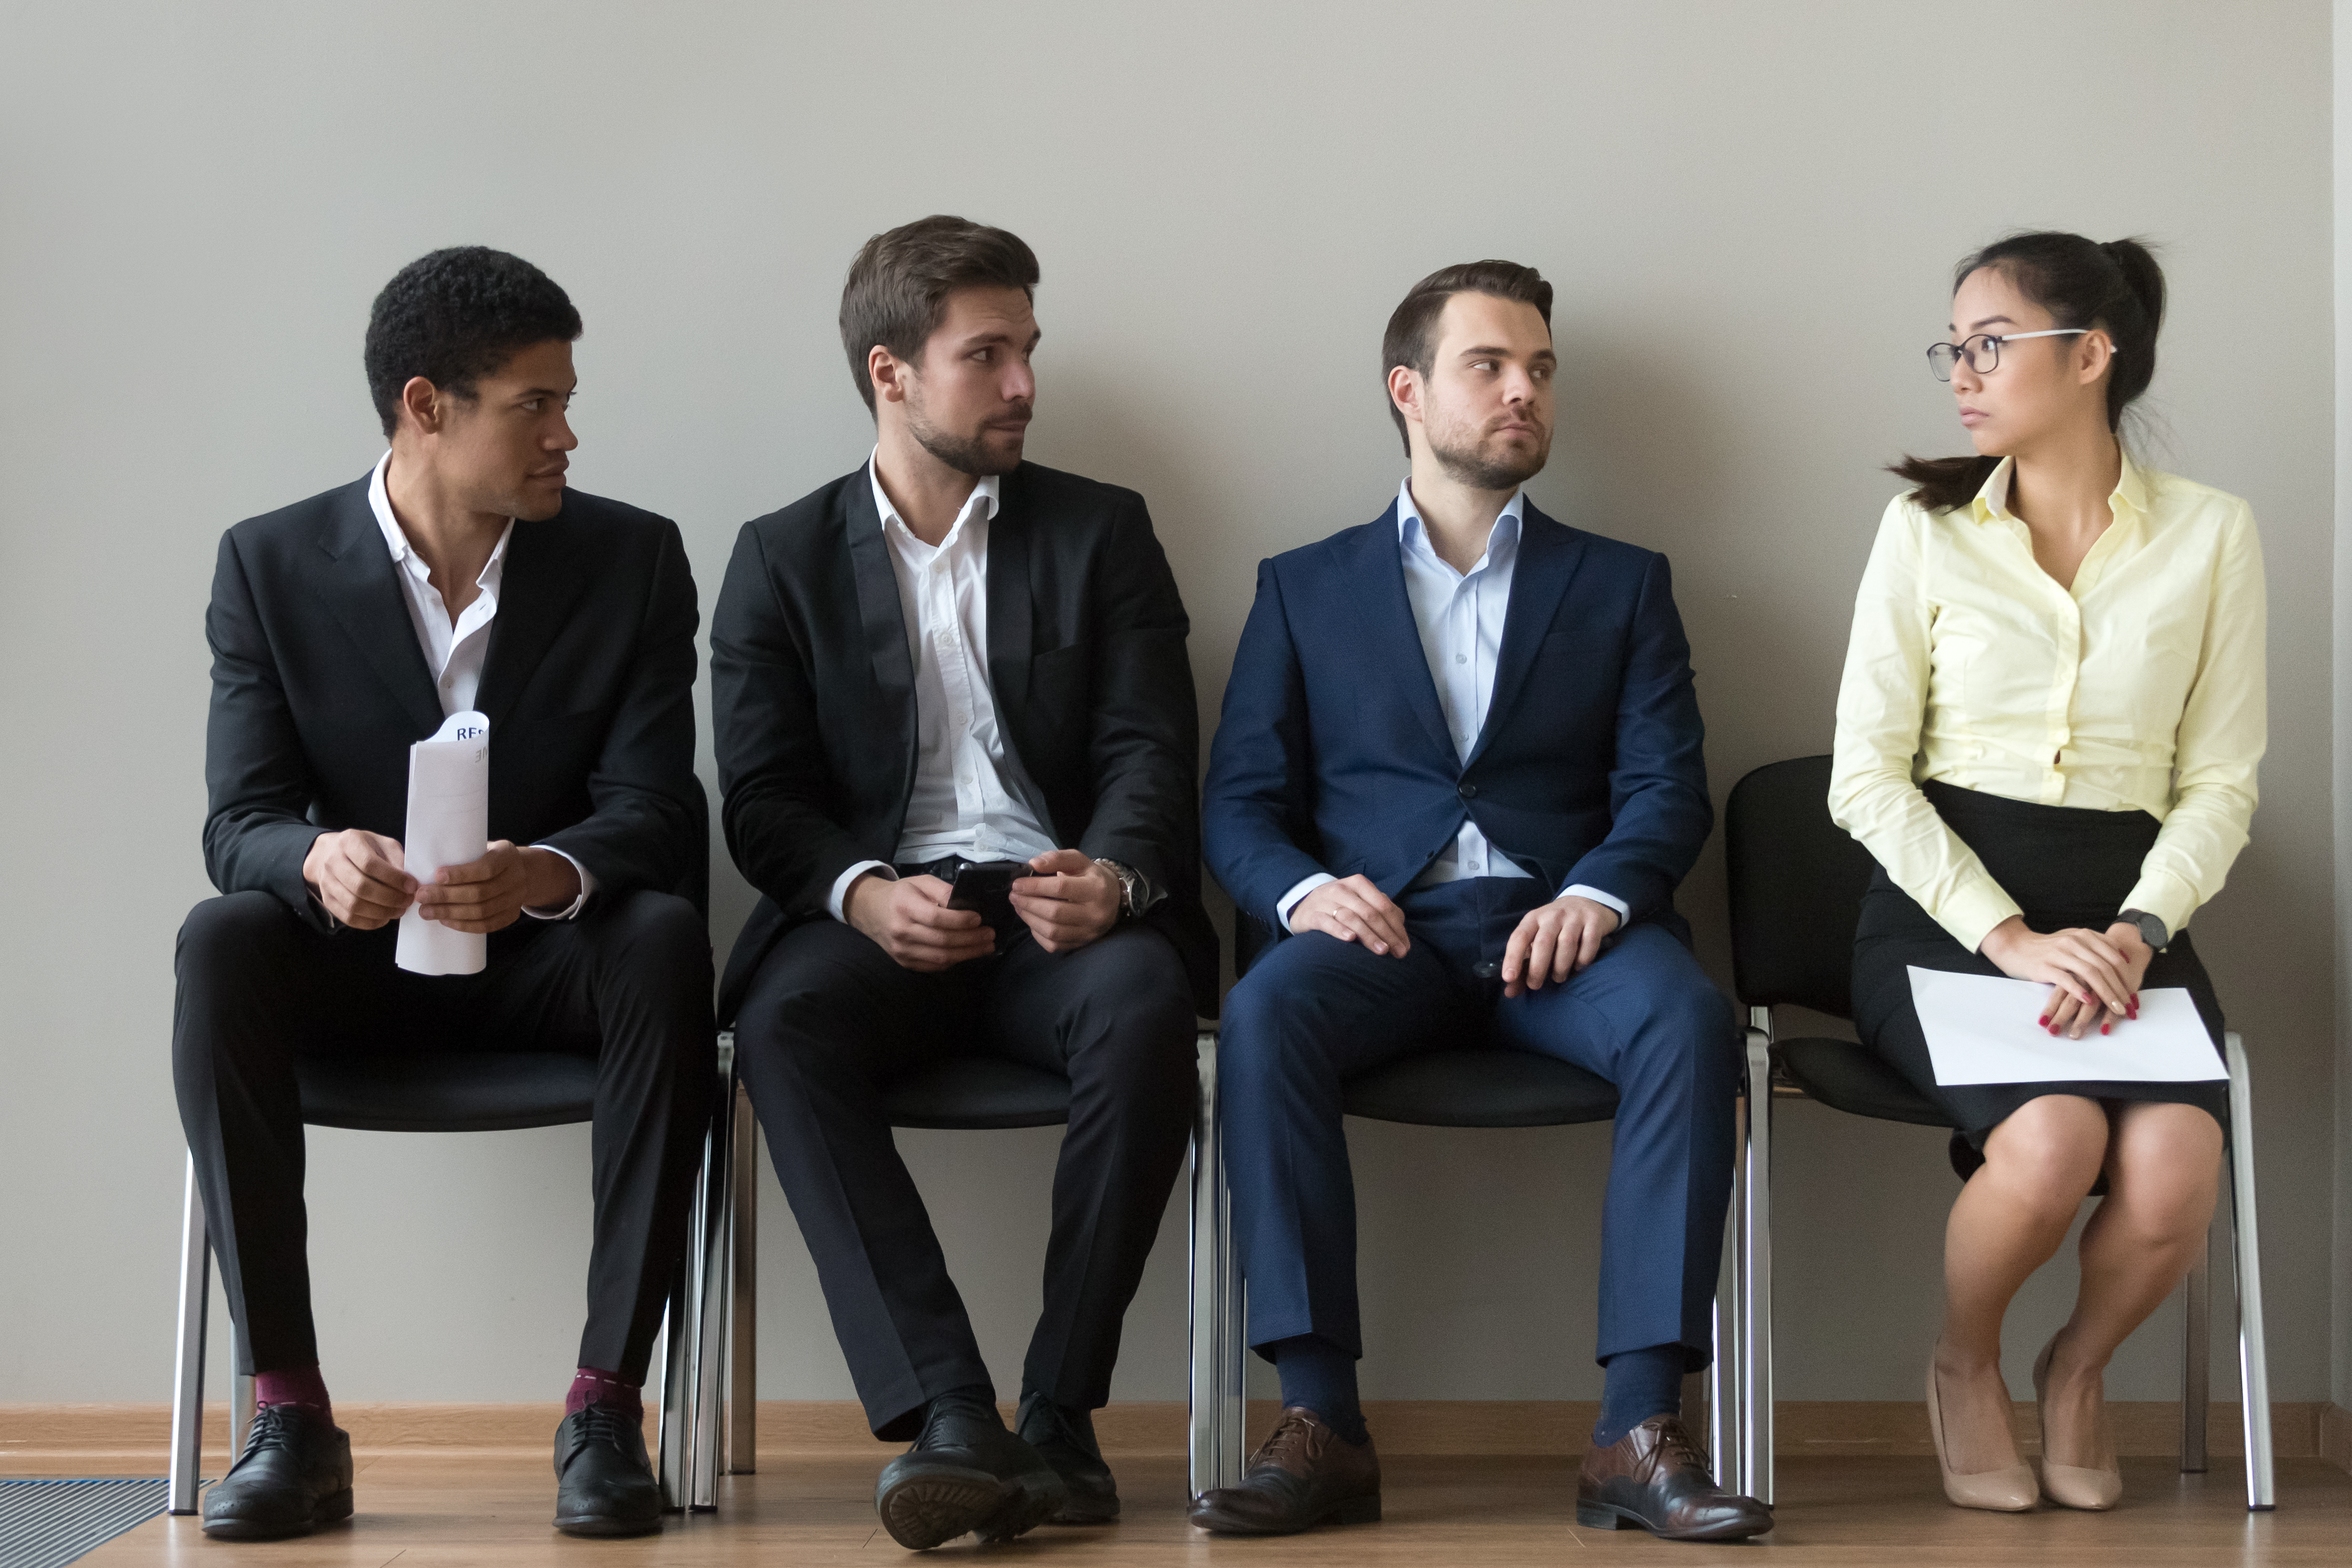 problemi u vezi s kolegama koji je nikol iz dana u naše živote